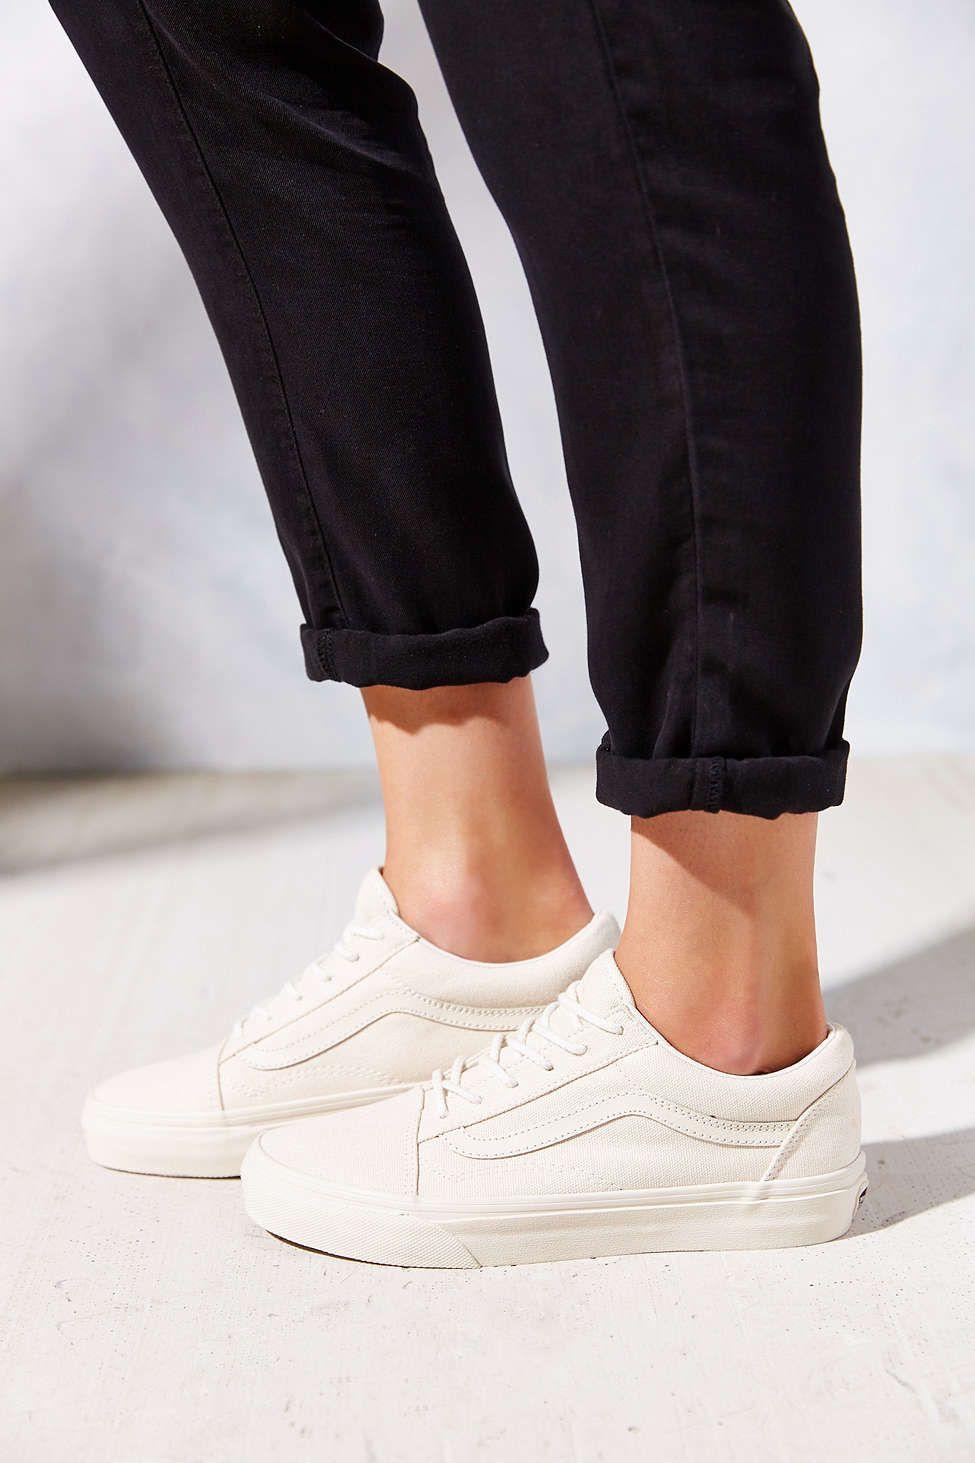 434abf5871 Vans Vansguard Old Skool Reissue California Womens Sneaker - Urban  Outfitters